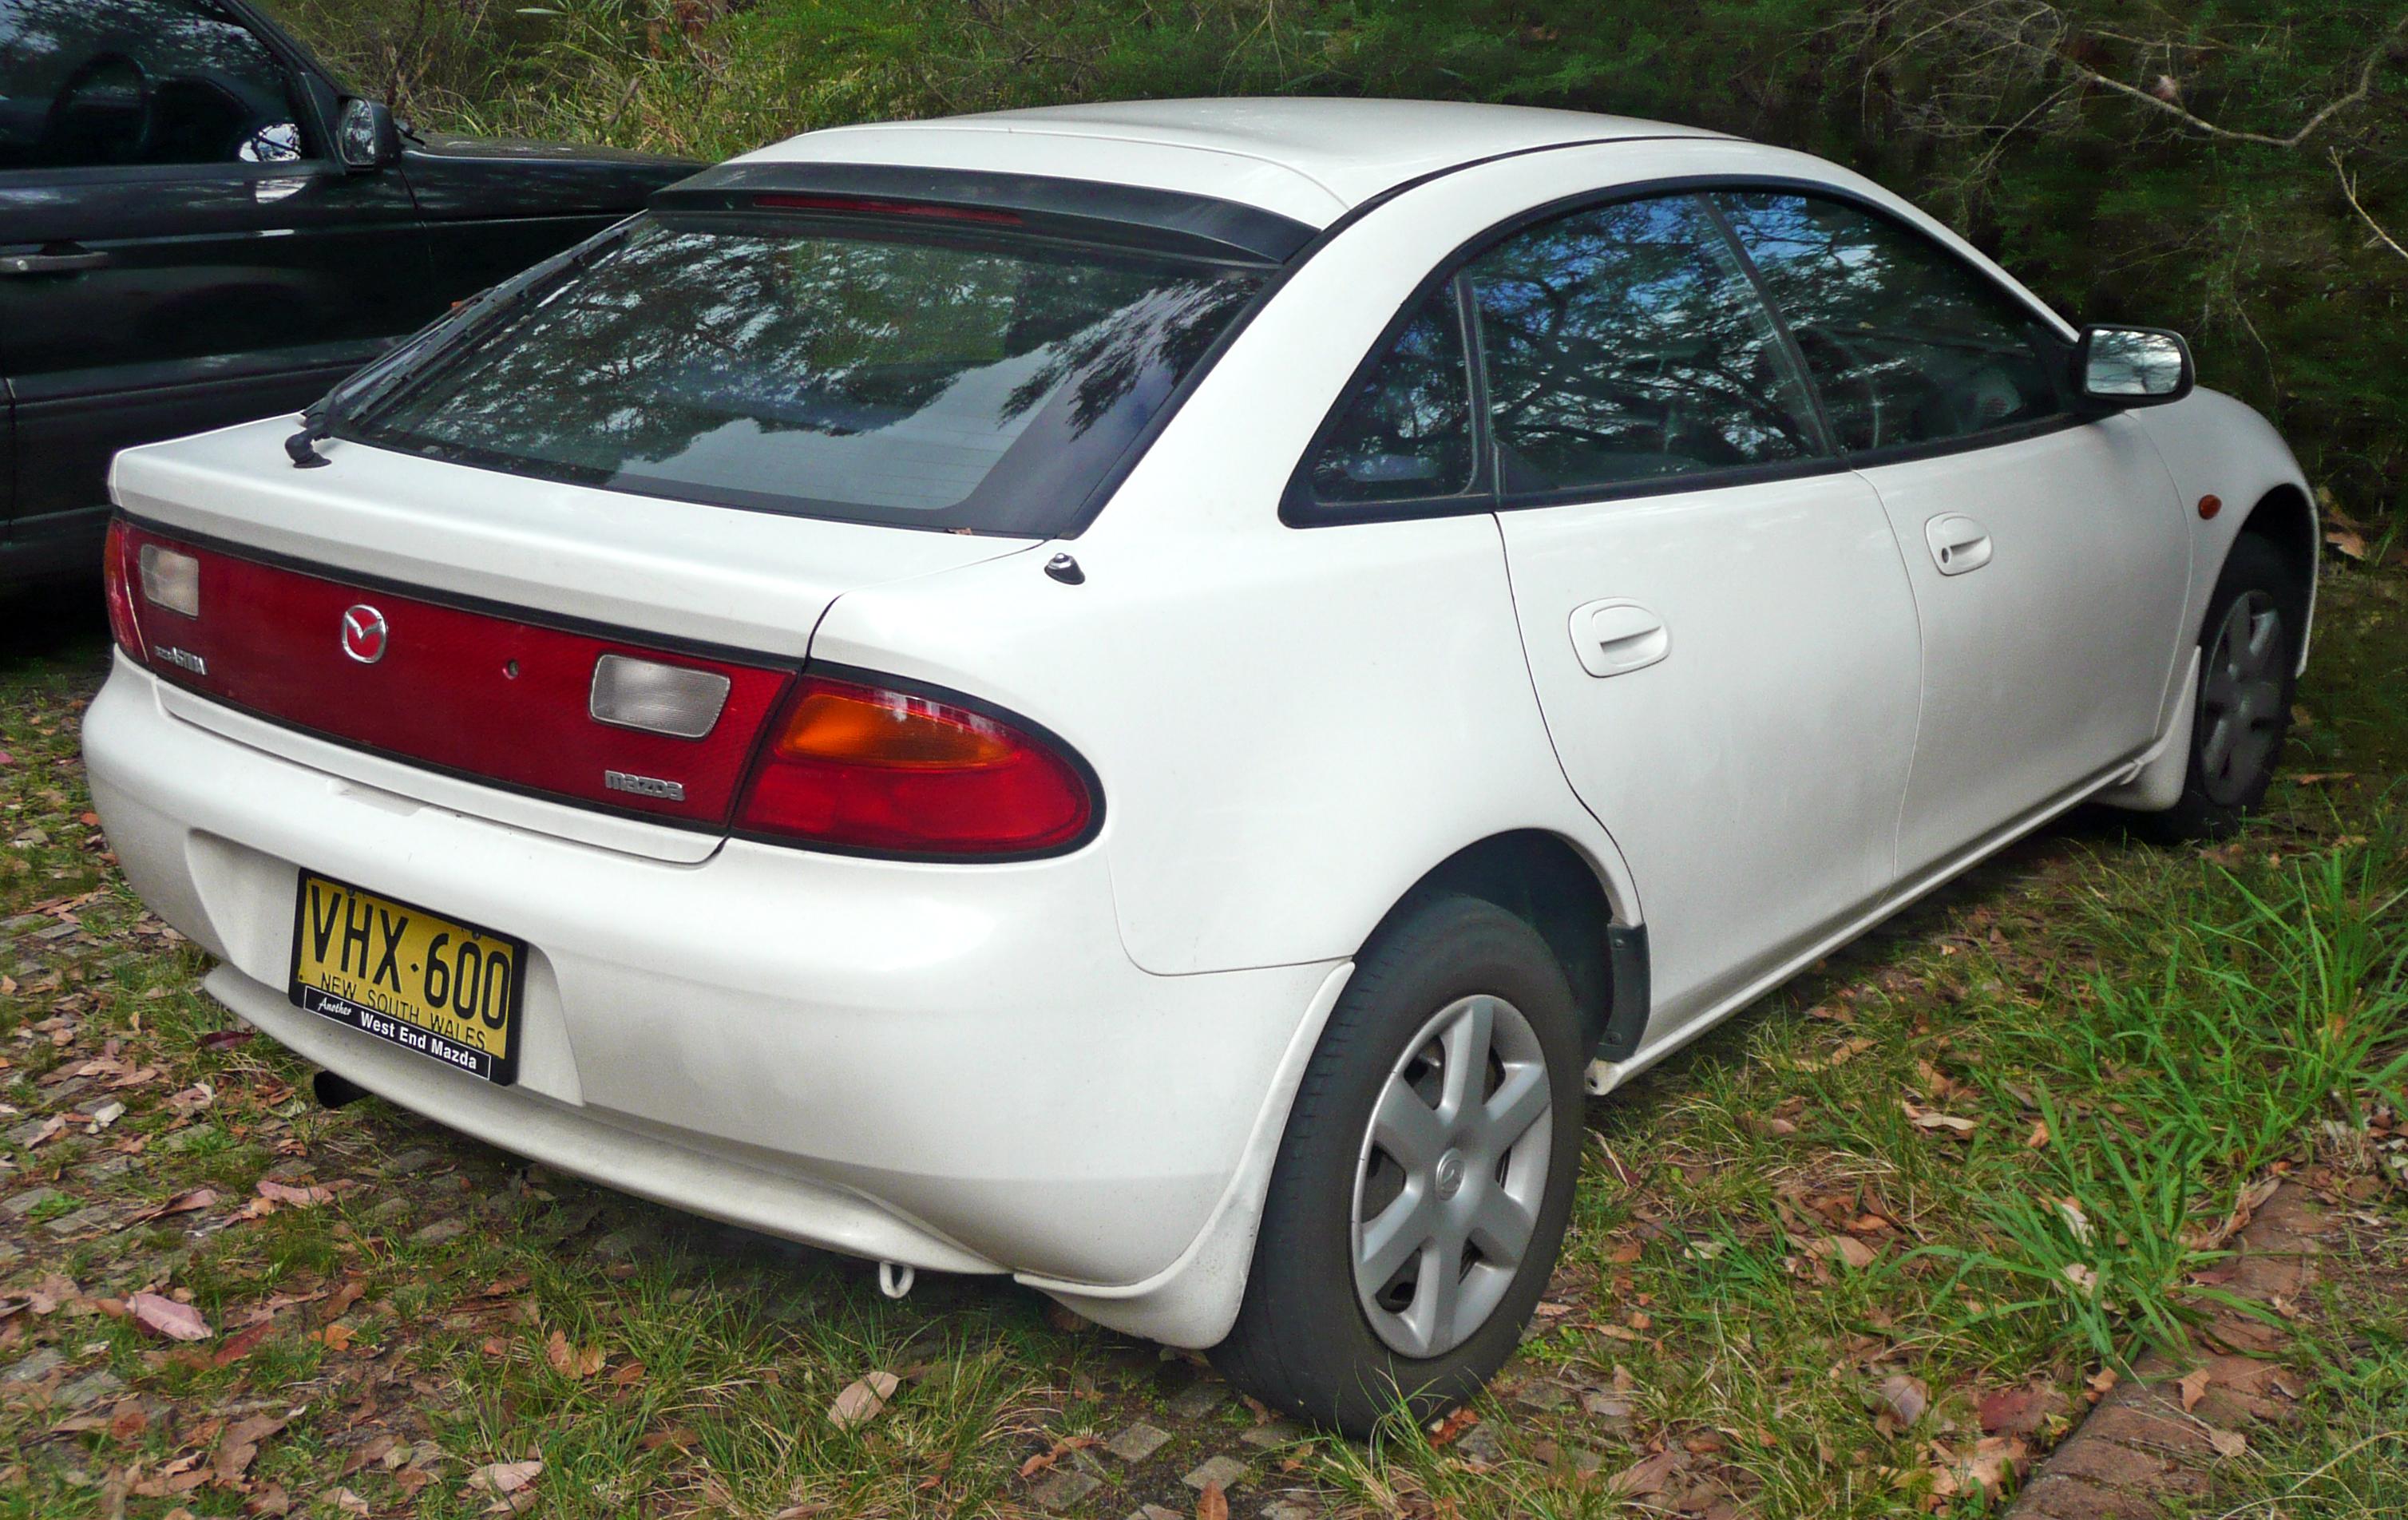 file:1997-1998 mazda 323 (ba series 3) astina 5-door hatchback 01